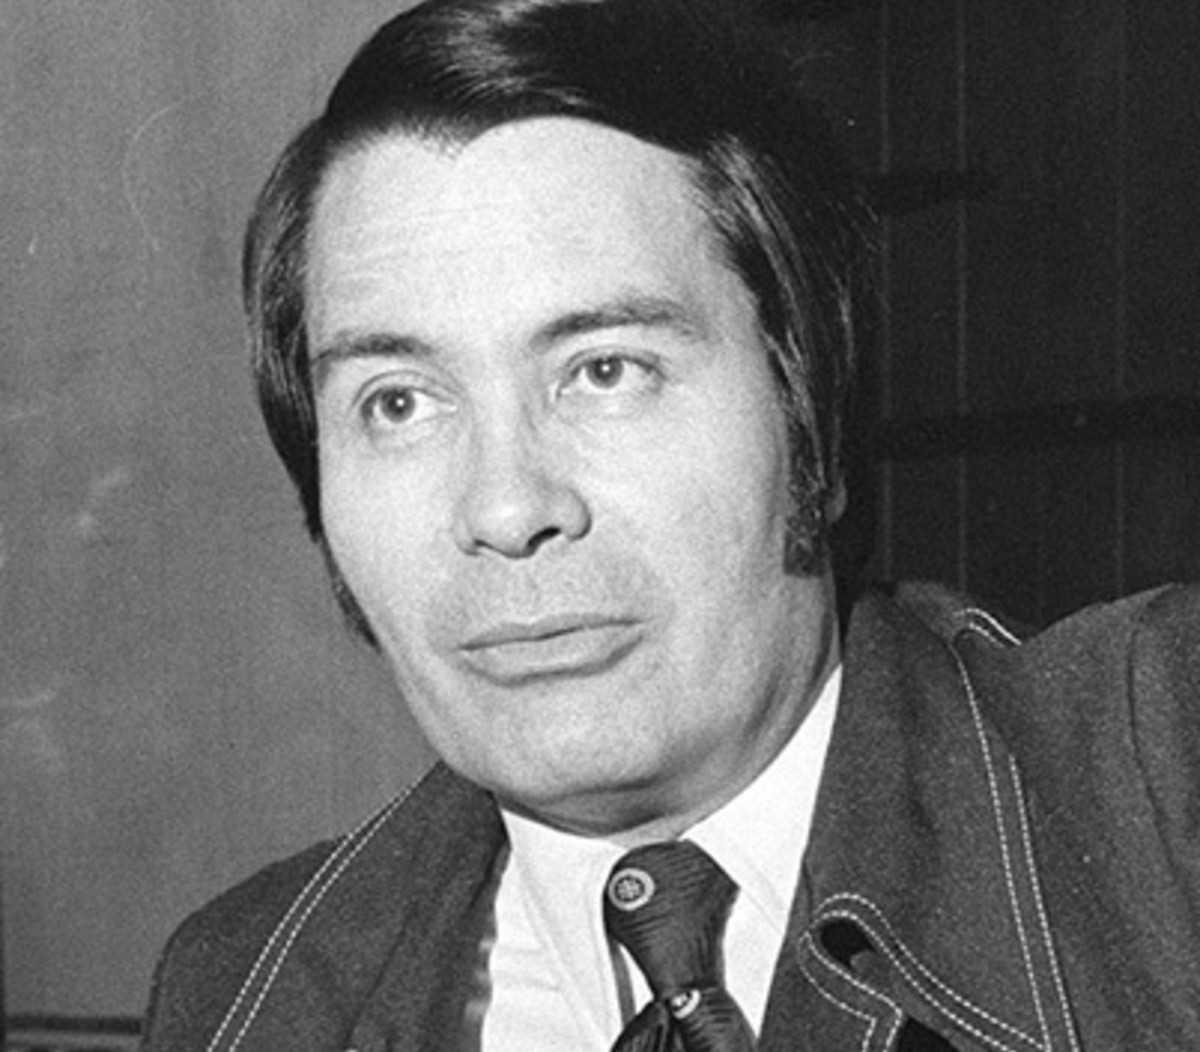 Jim Jones Leader